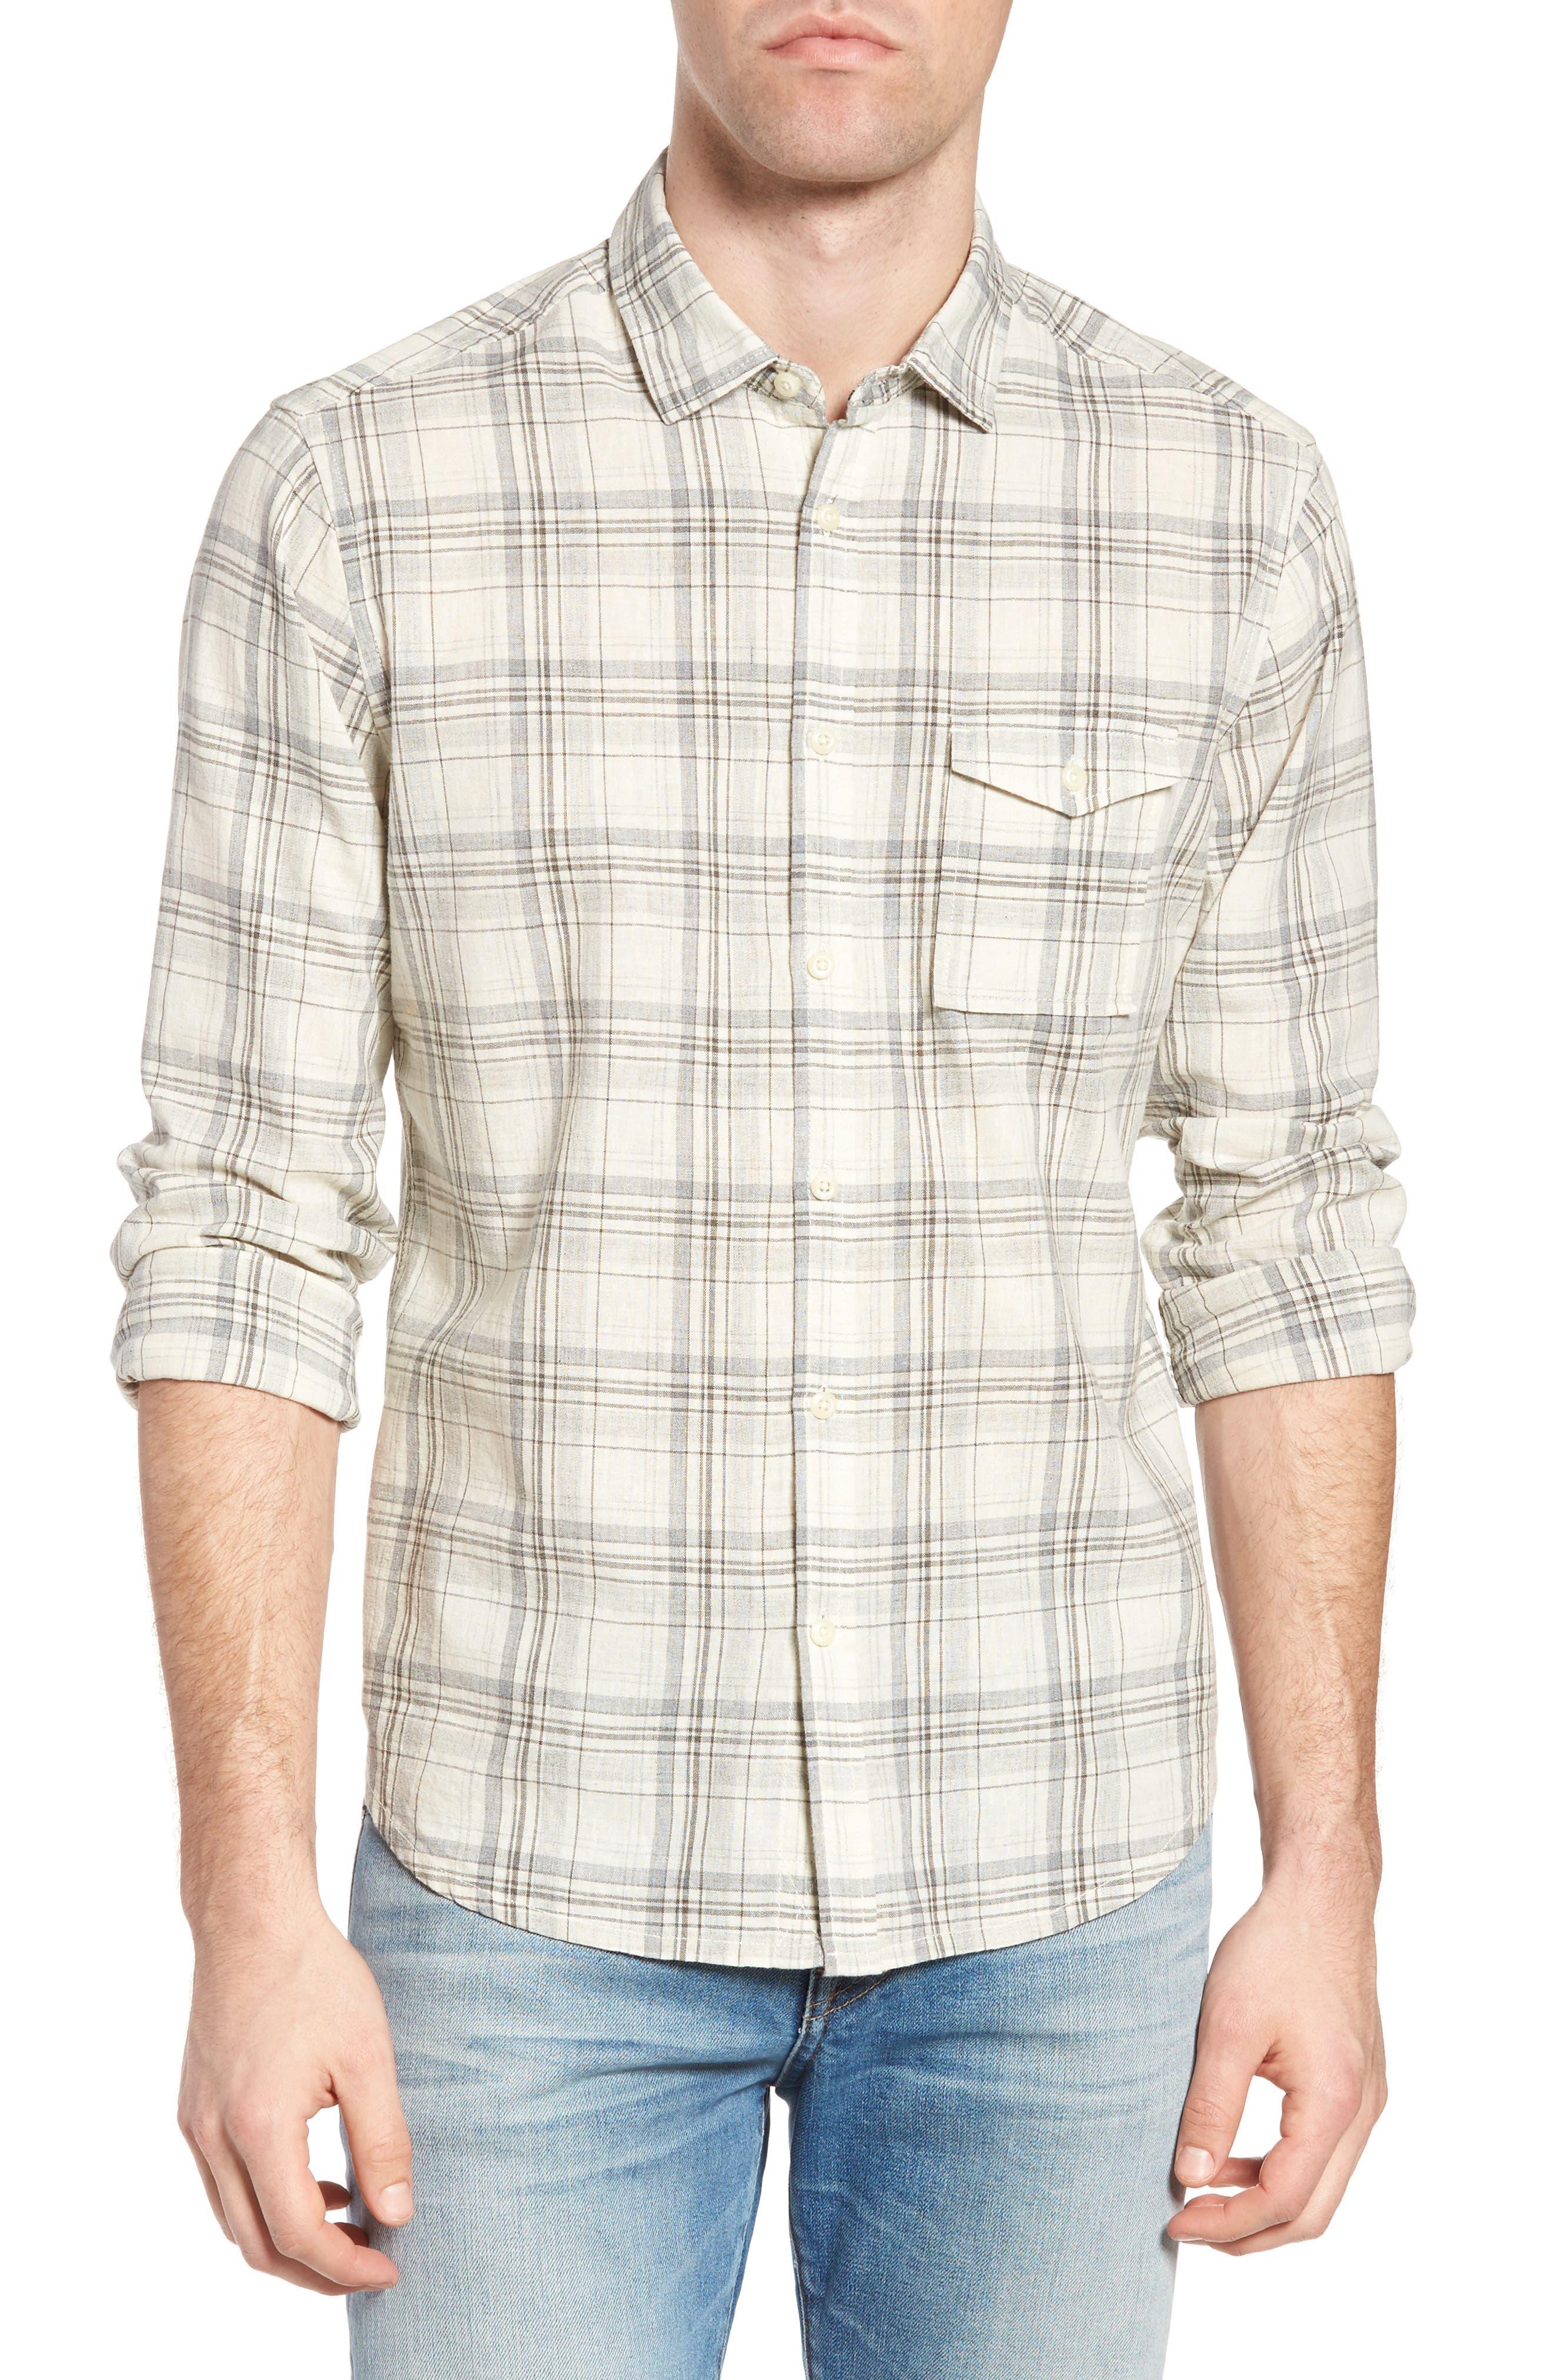 Henri Regular Fit Plaid Cotton & Linen Sport Shirt,                             Main thumbnail 1, color,                             280